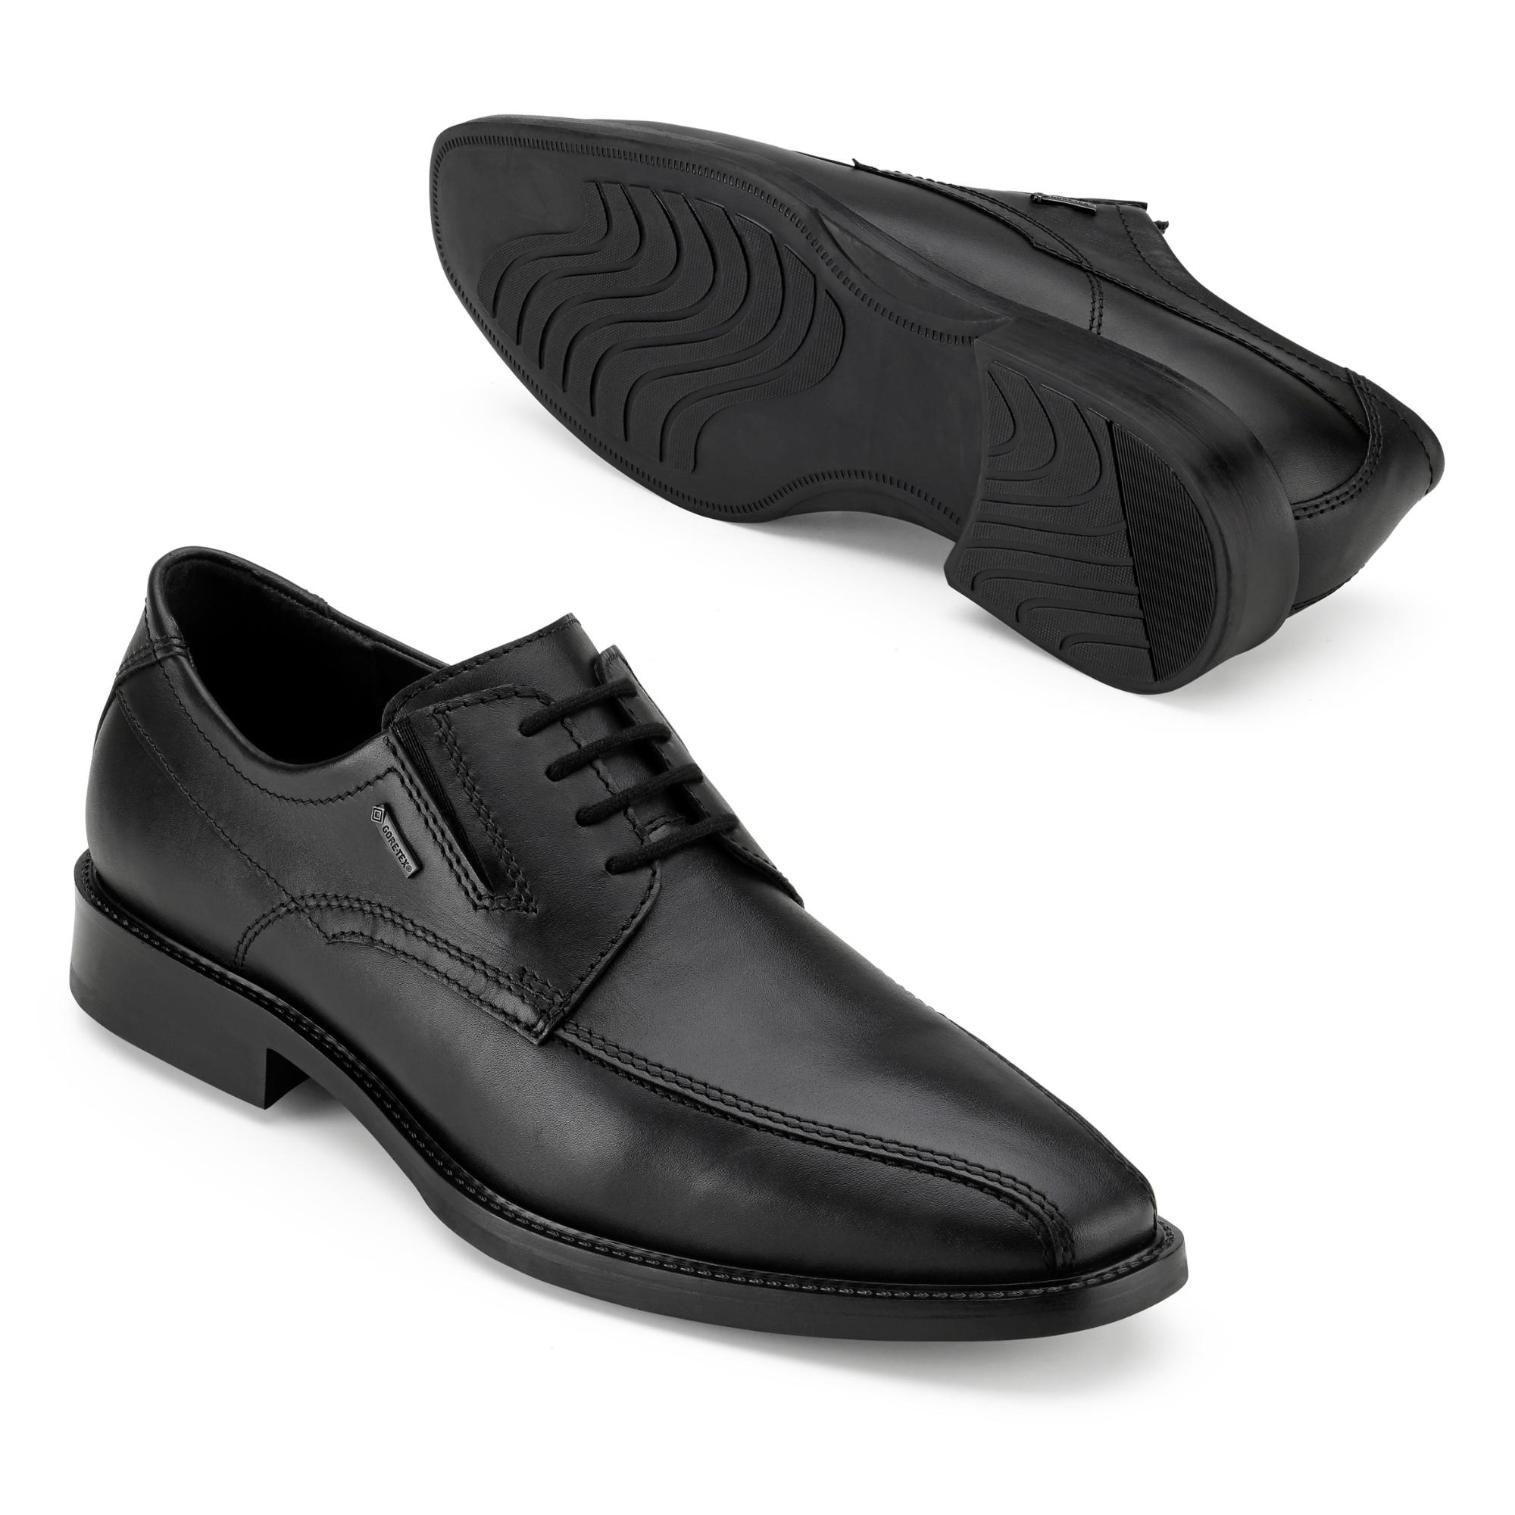 Fretz Gore Tex Schnürschuh In Farbe Schwarz Um 39 Reduziert Online Kaufen Männer Stiefel Schnürschuhe Business Schuhe